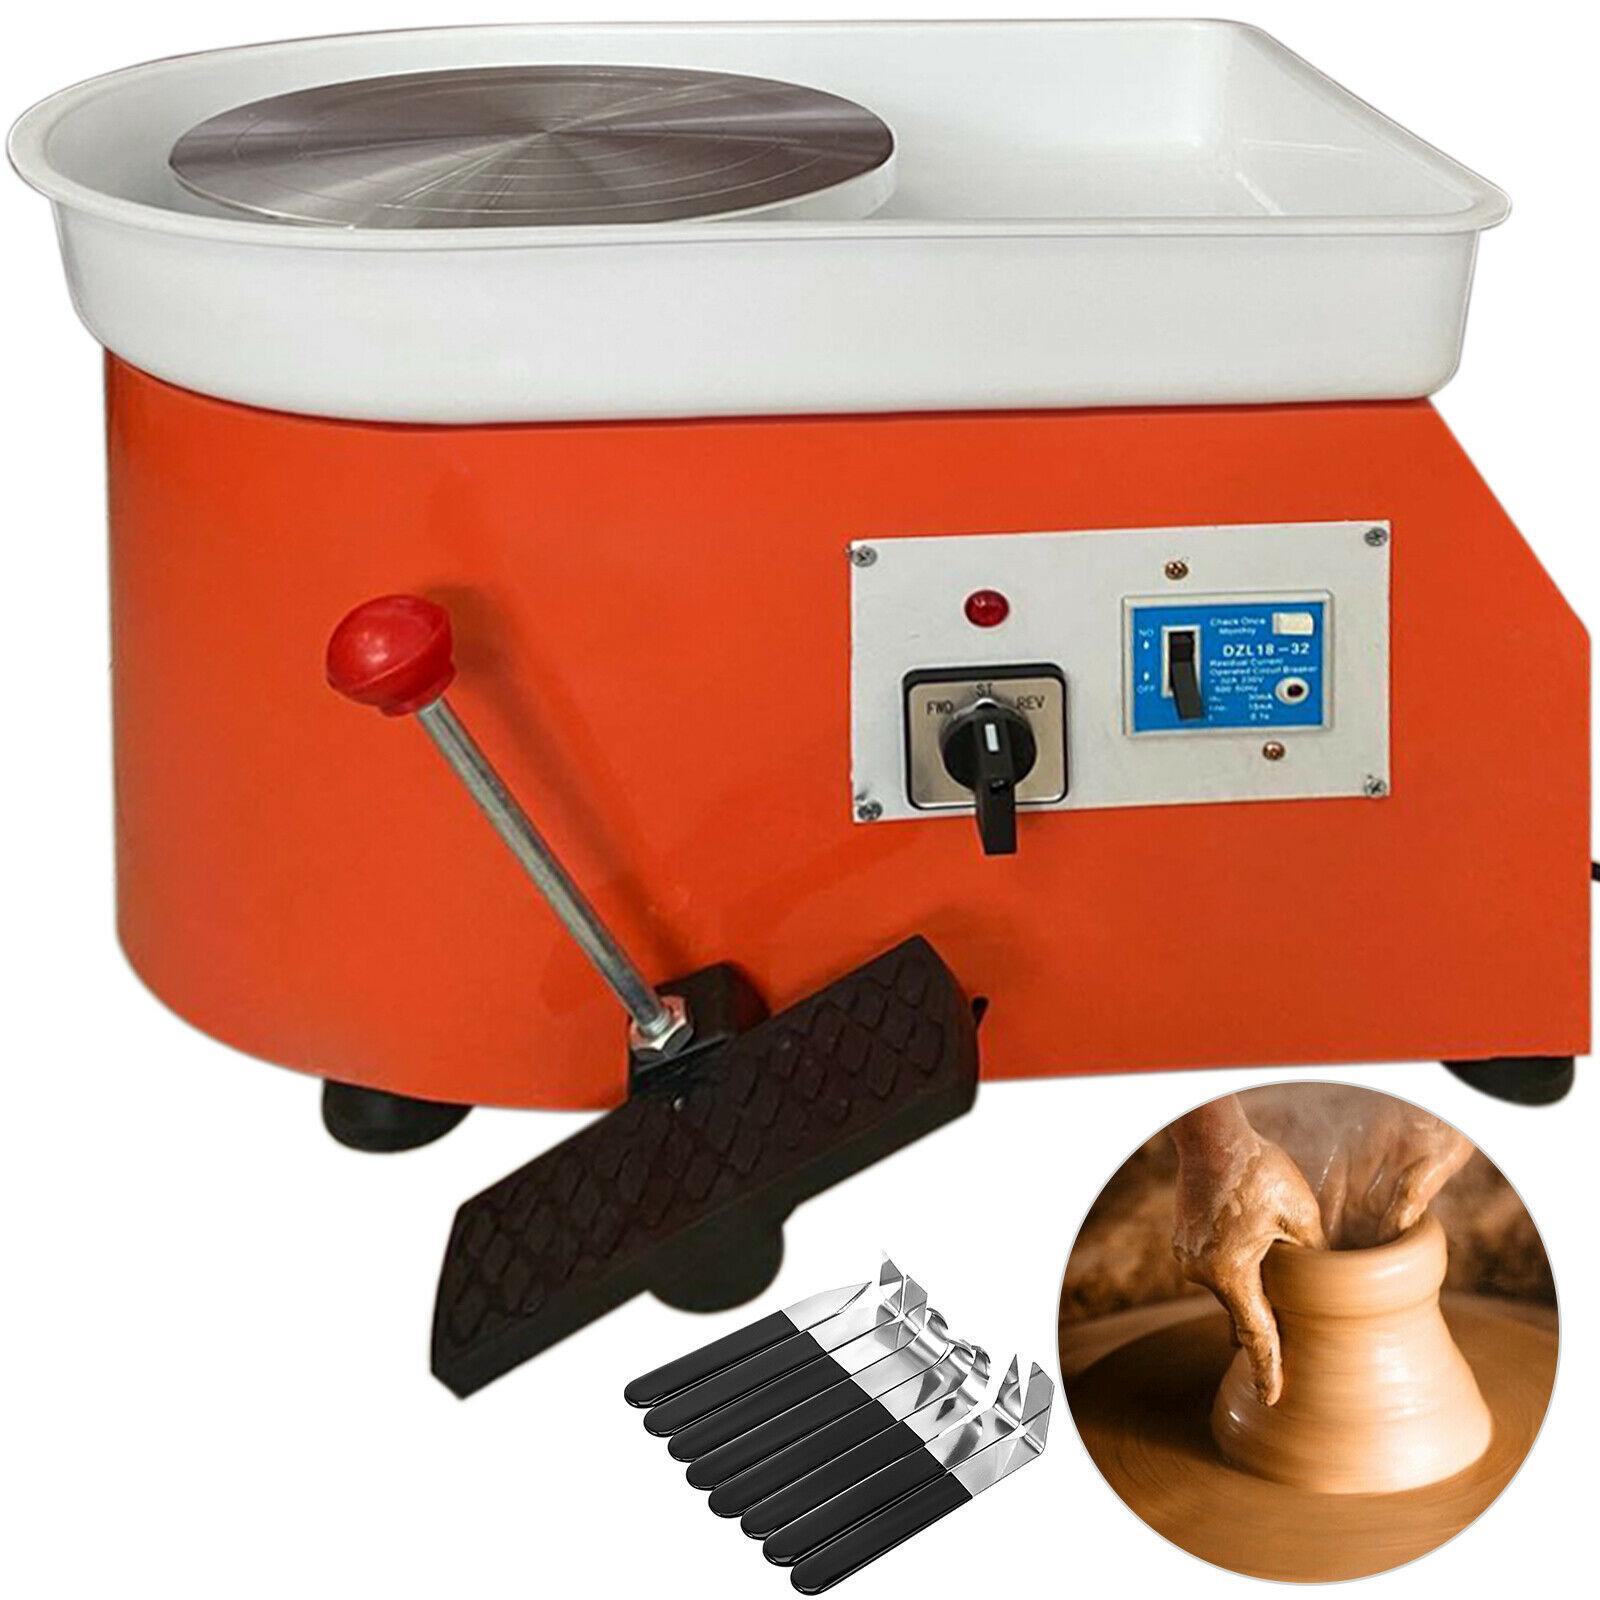 280W Elektrische Keramik Rad Keramik Forming Maschine 25cm mit Verstellbaren Füßen Hebel Pedal Ton Werkzeug mit Tablett Shapping werkzeug Set